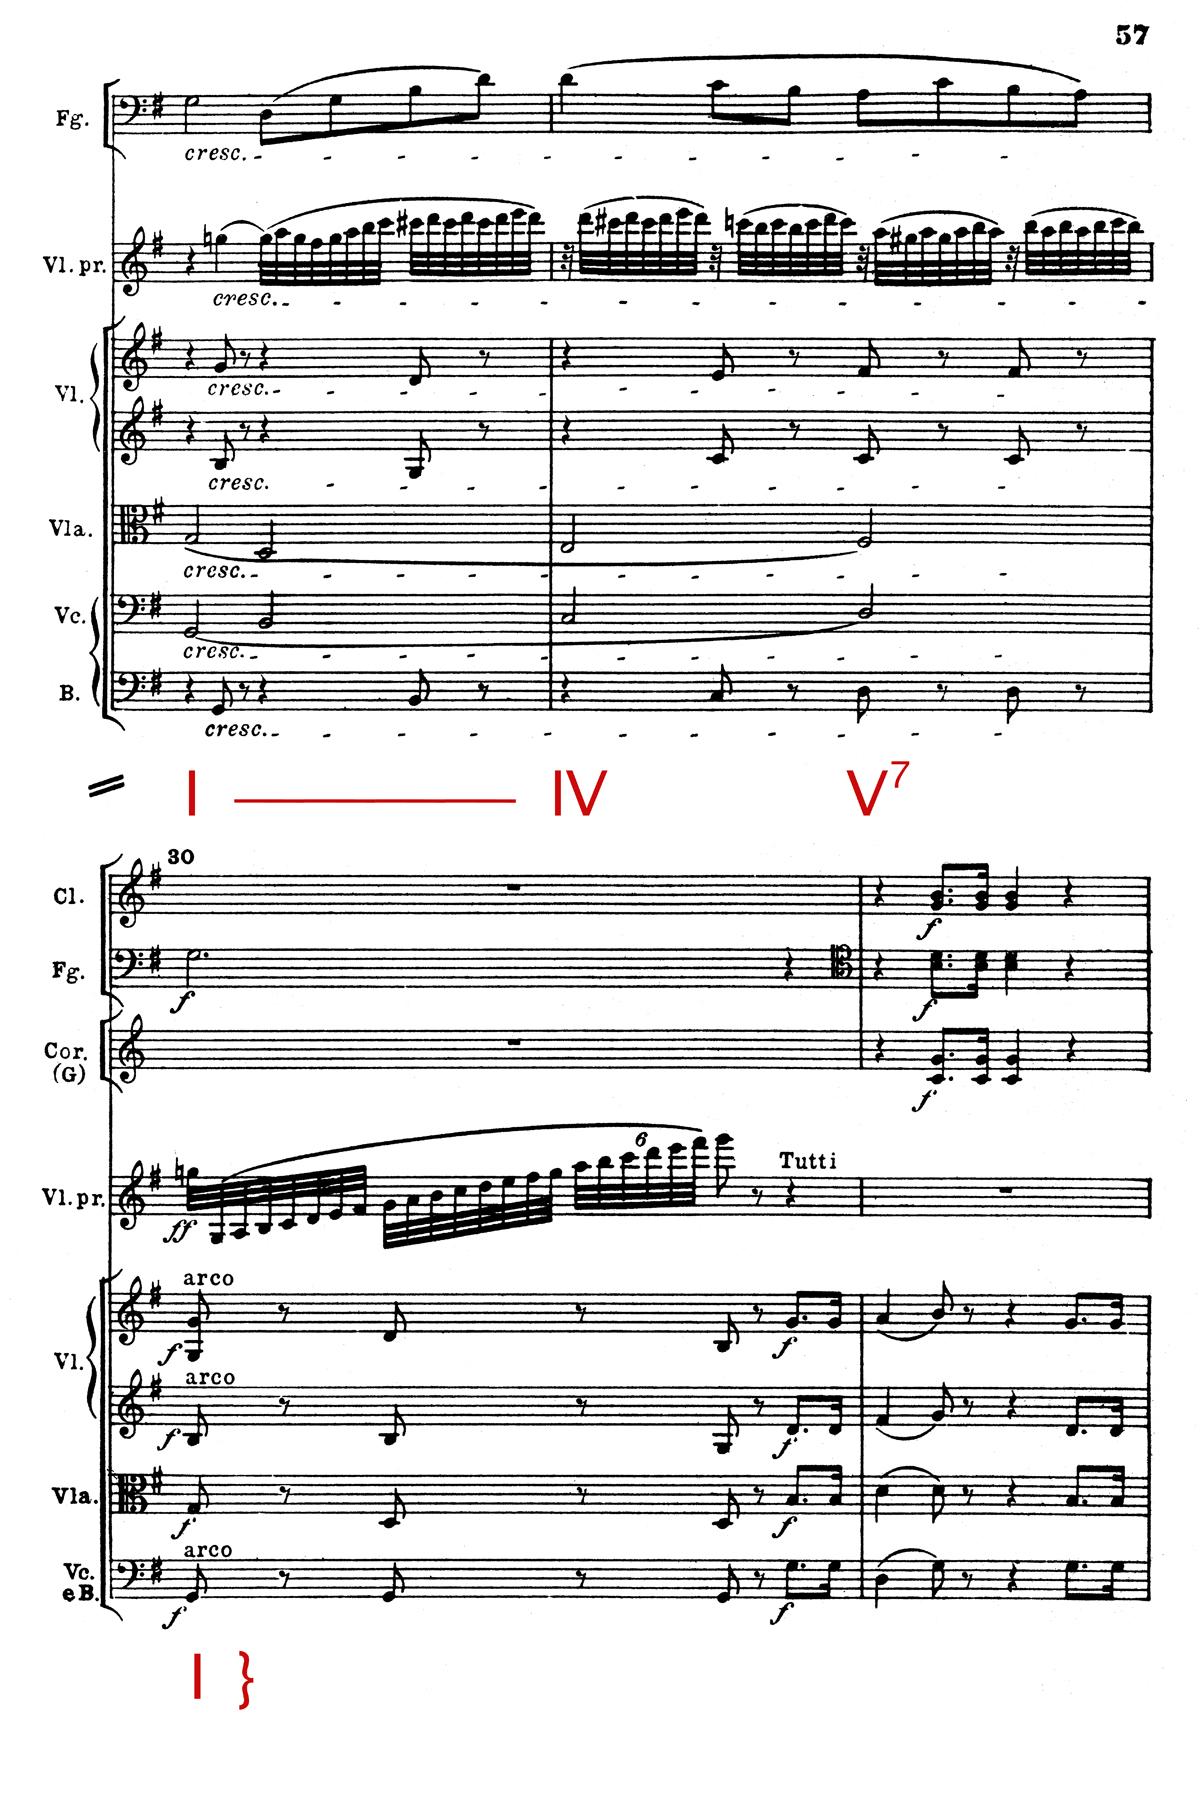 Beethoven_Violin_Theory_3.jpg